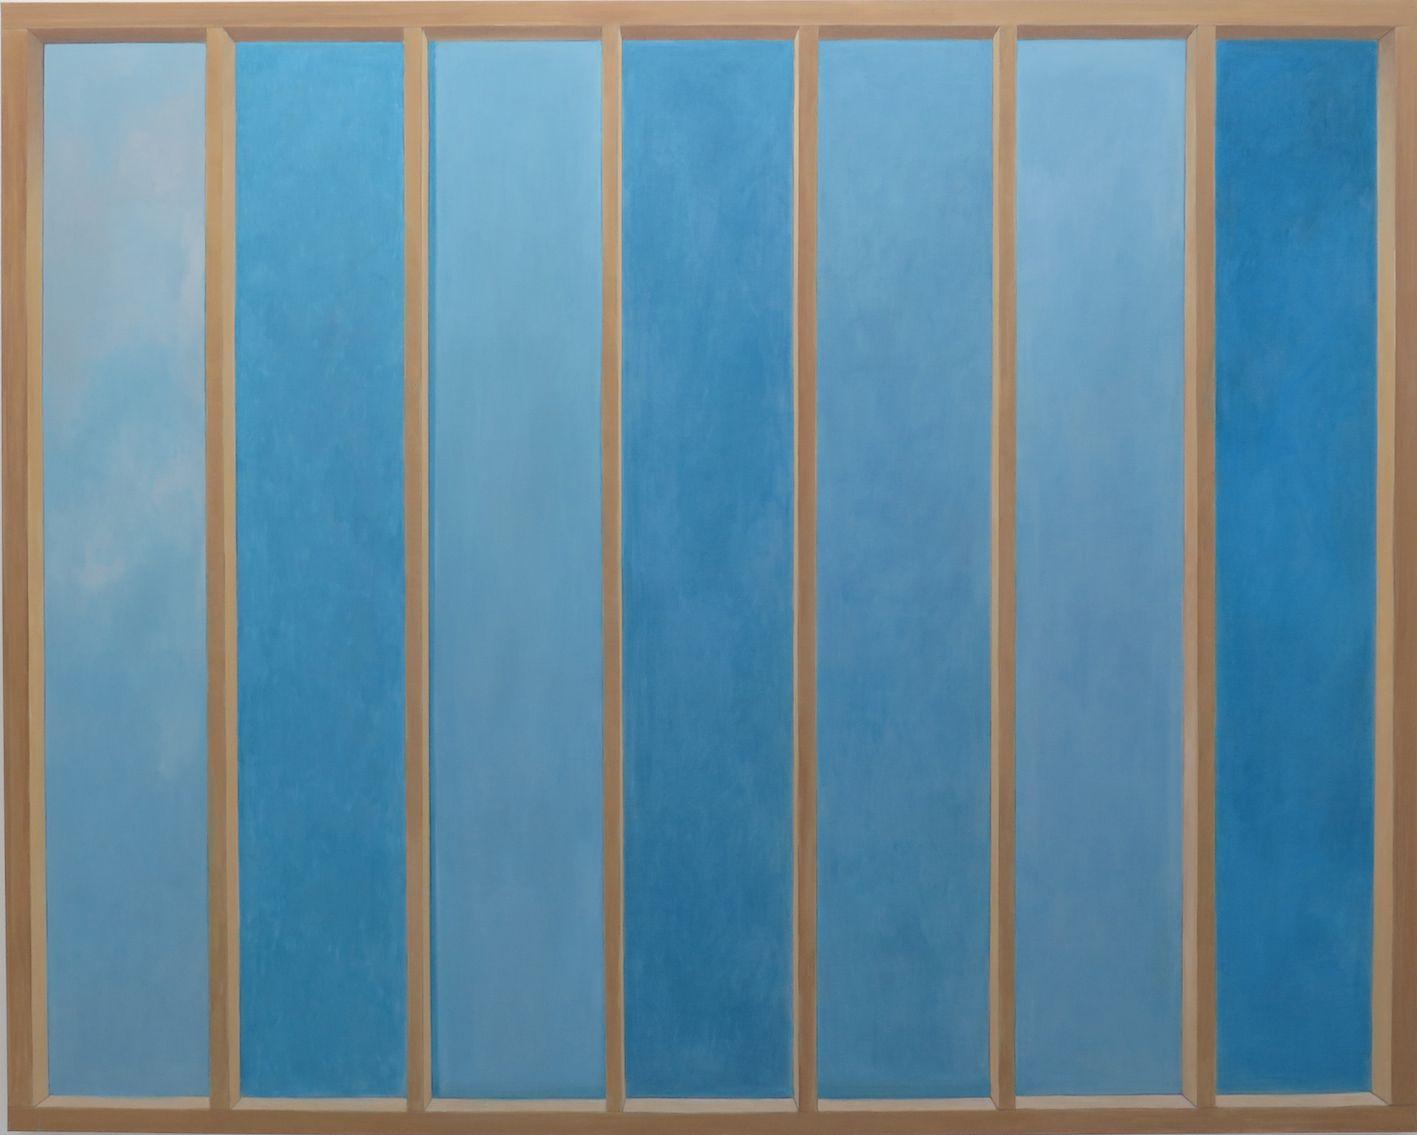 gilles-elie-grande-verriere-acrylique-sur-toile-de-lin-200x250-cm-f462fc04c75dcc361fd3d6bffcbda8a5